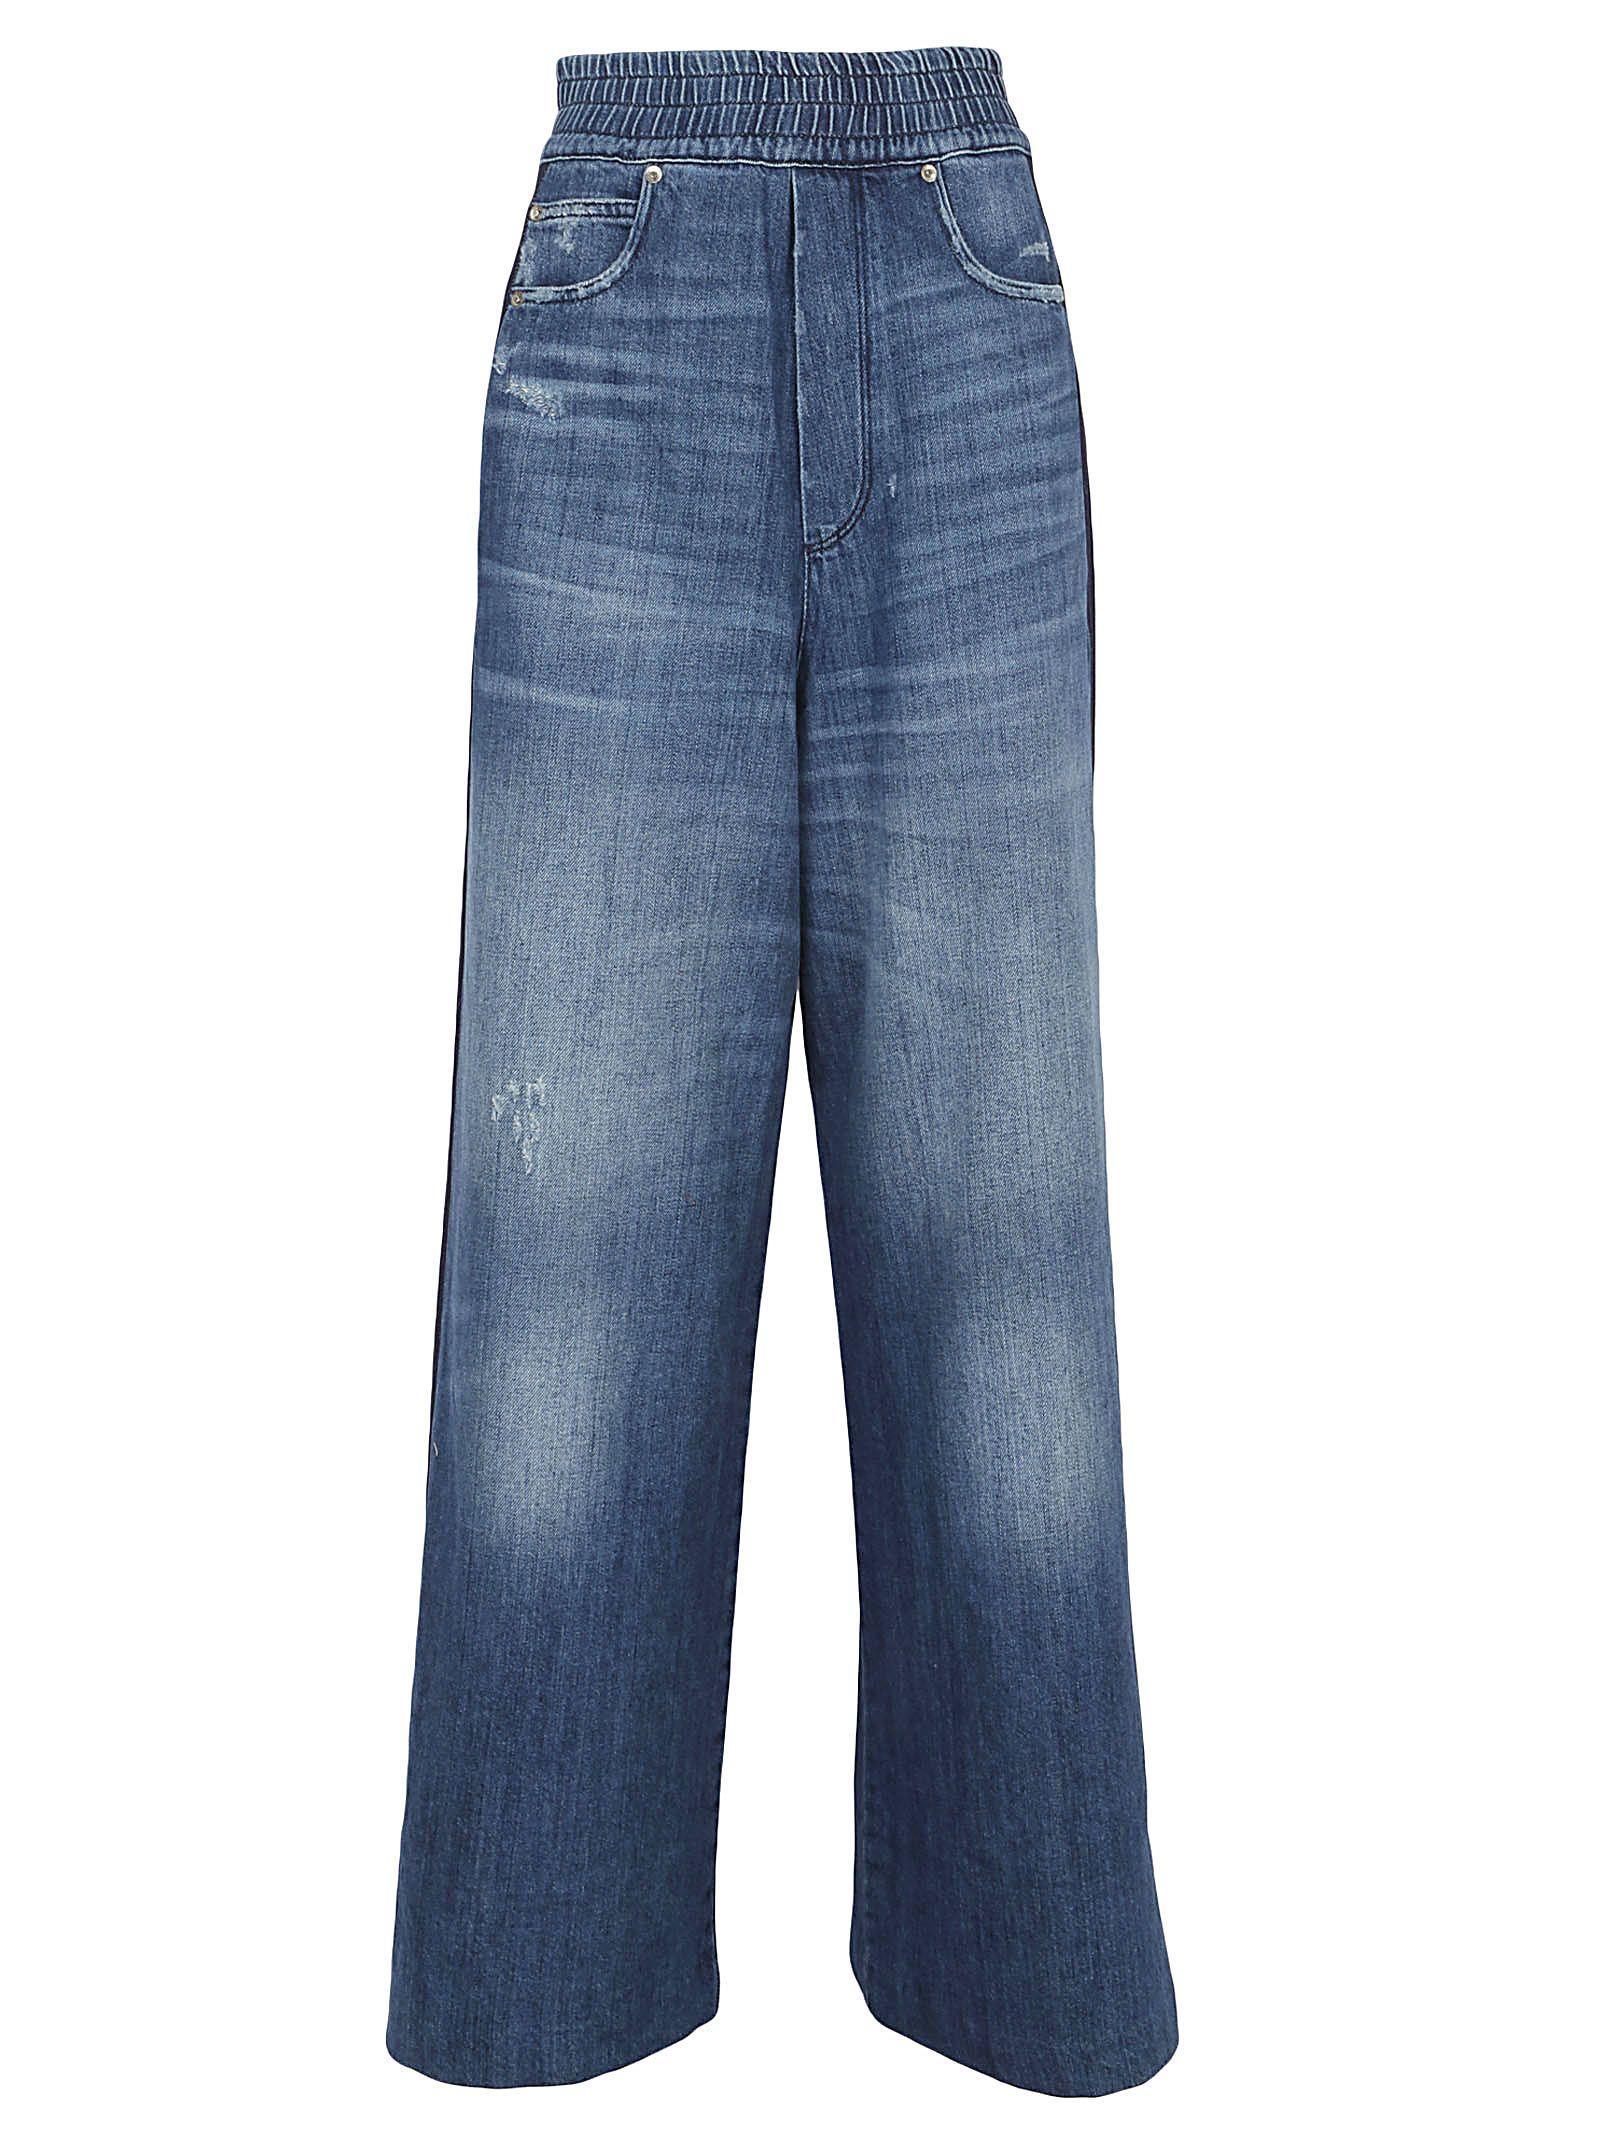 Golden Goose Sophie Jeans In Blue Wash